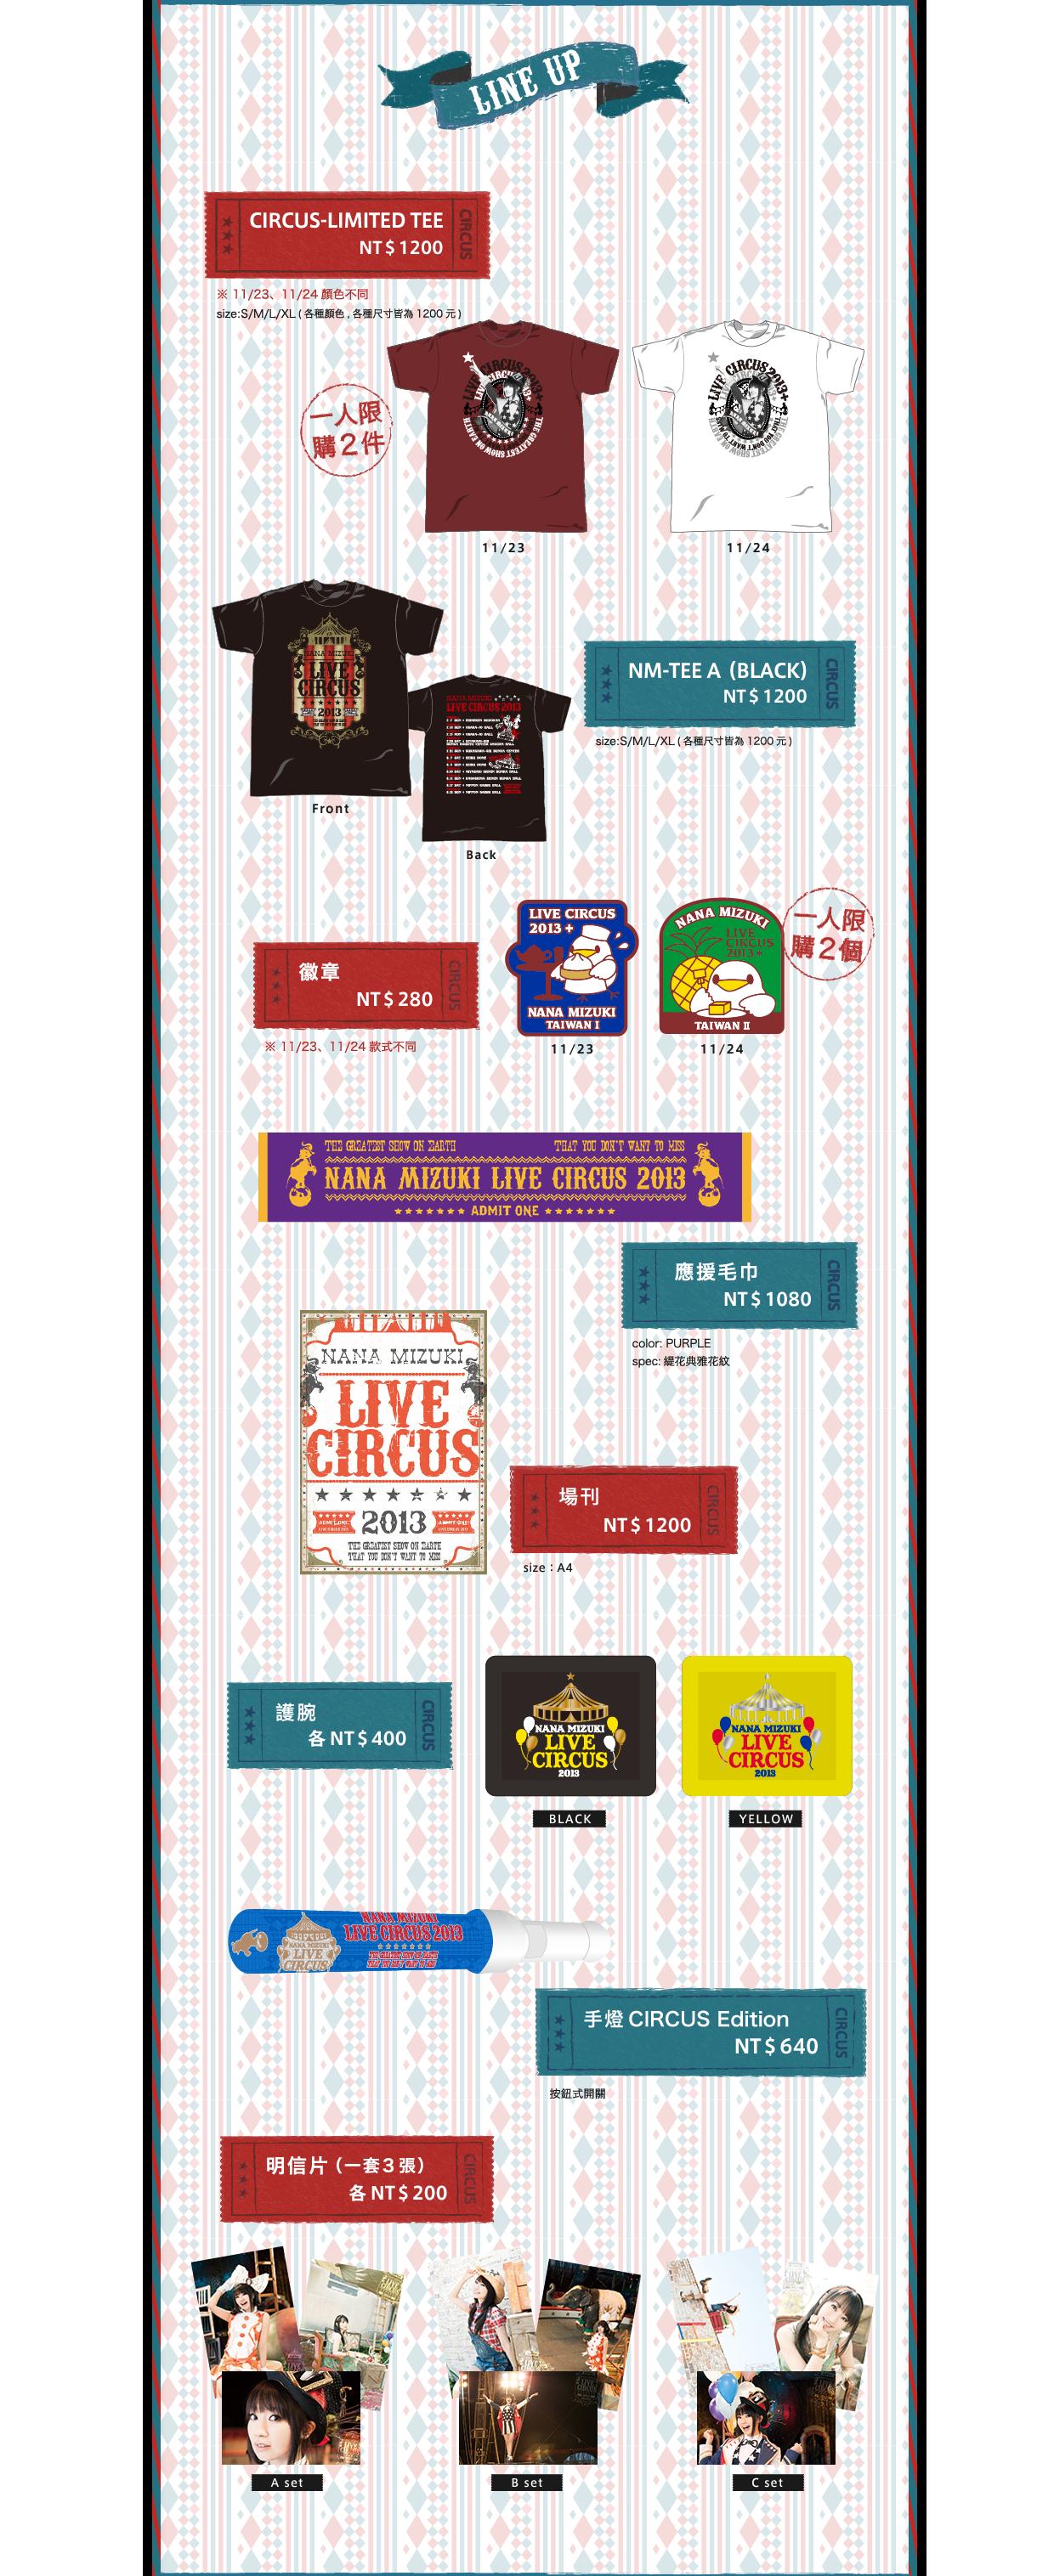 水樹奈々さんが自身初の海外ライブ「NANA MIZUKI LIVE CIRCUS 2013+ ...